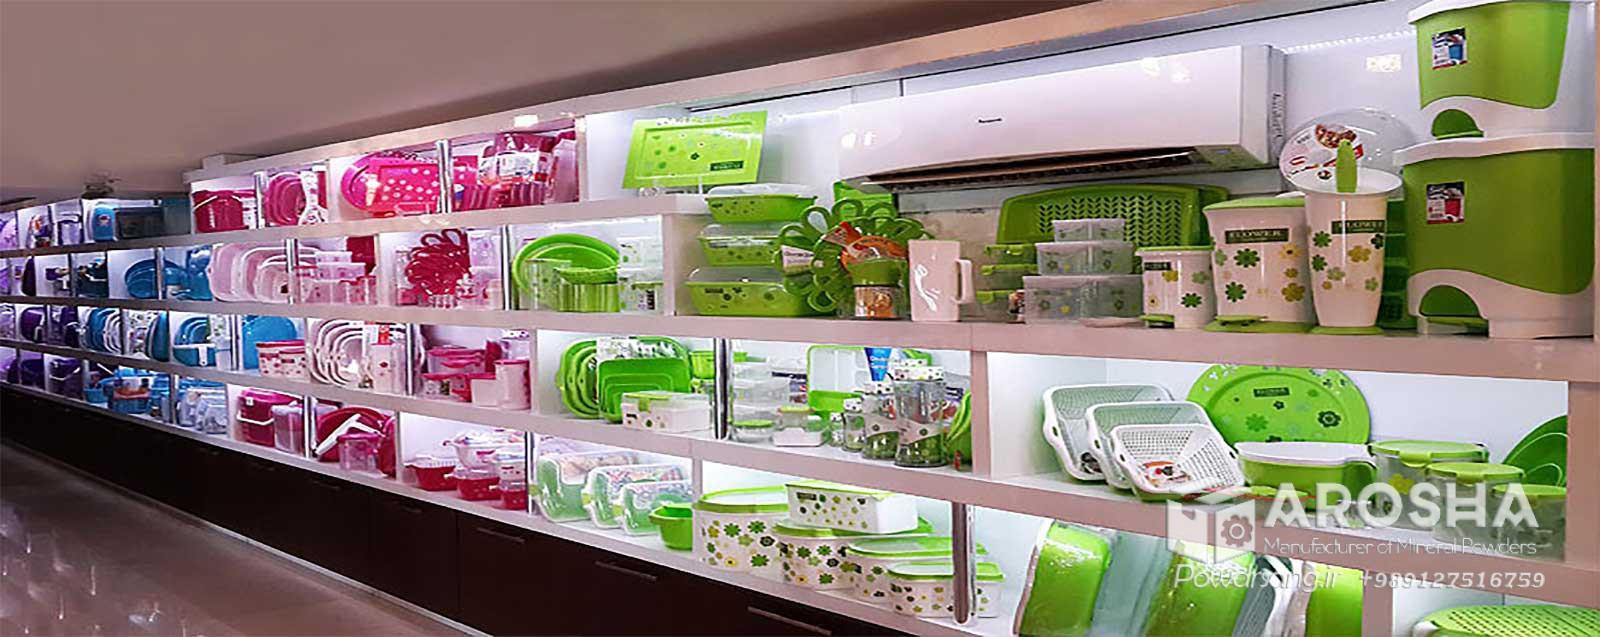 فروش کربنات کلسیم مخصوص پلاستیک